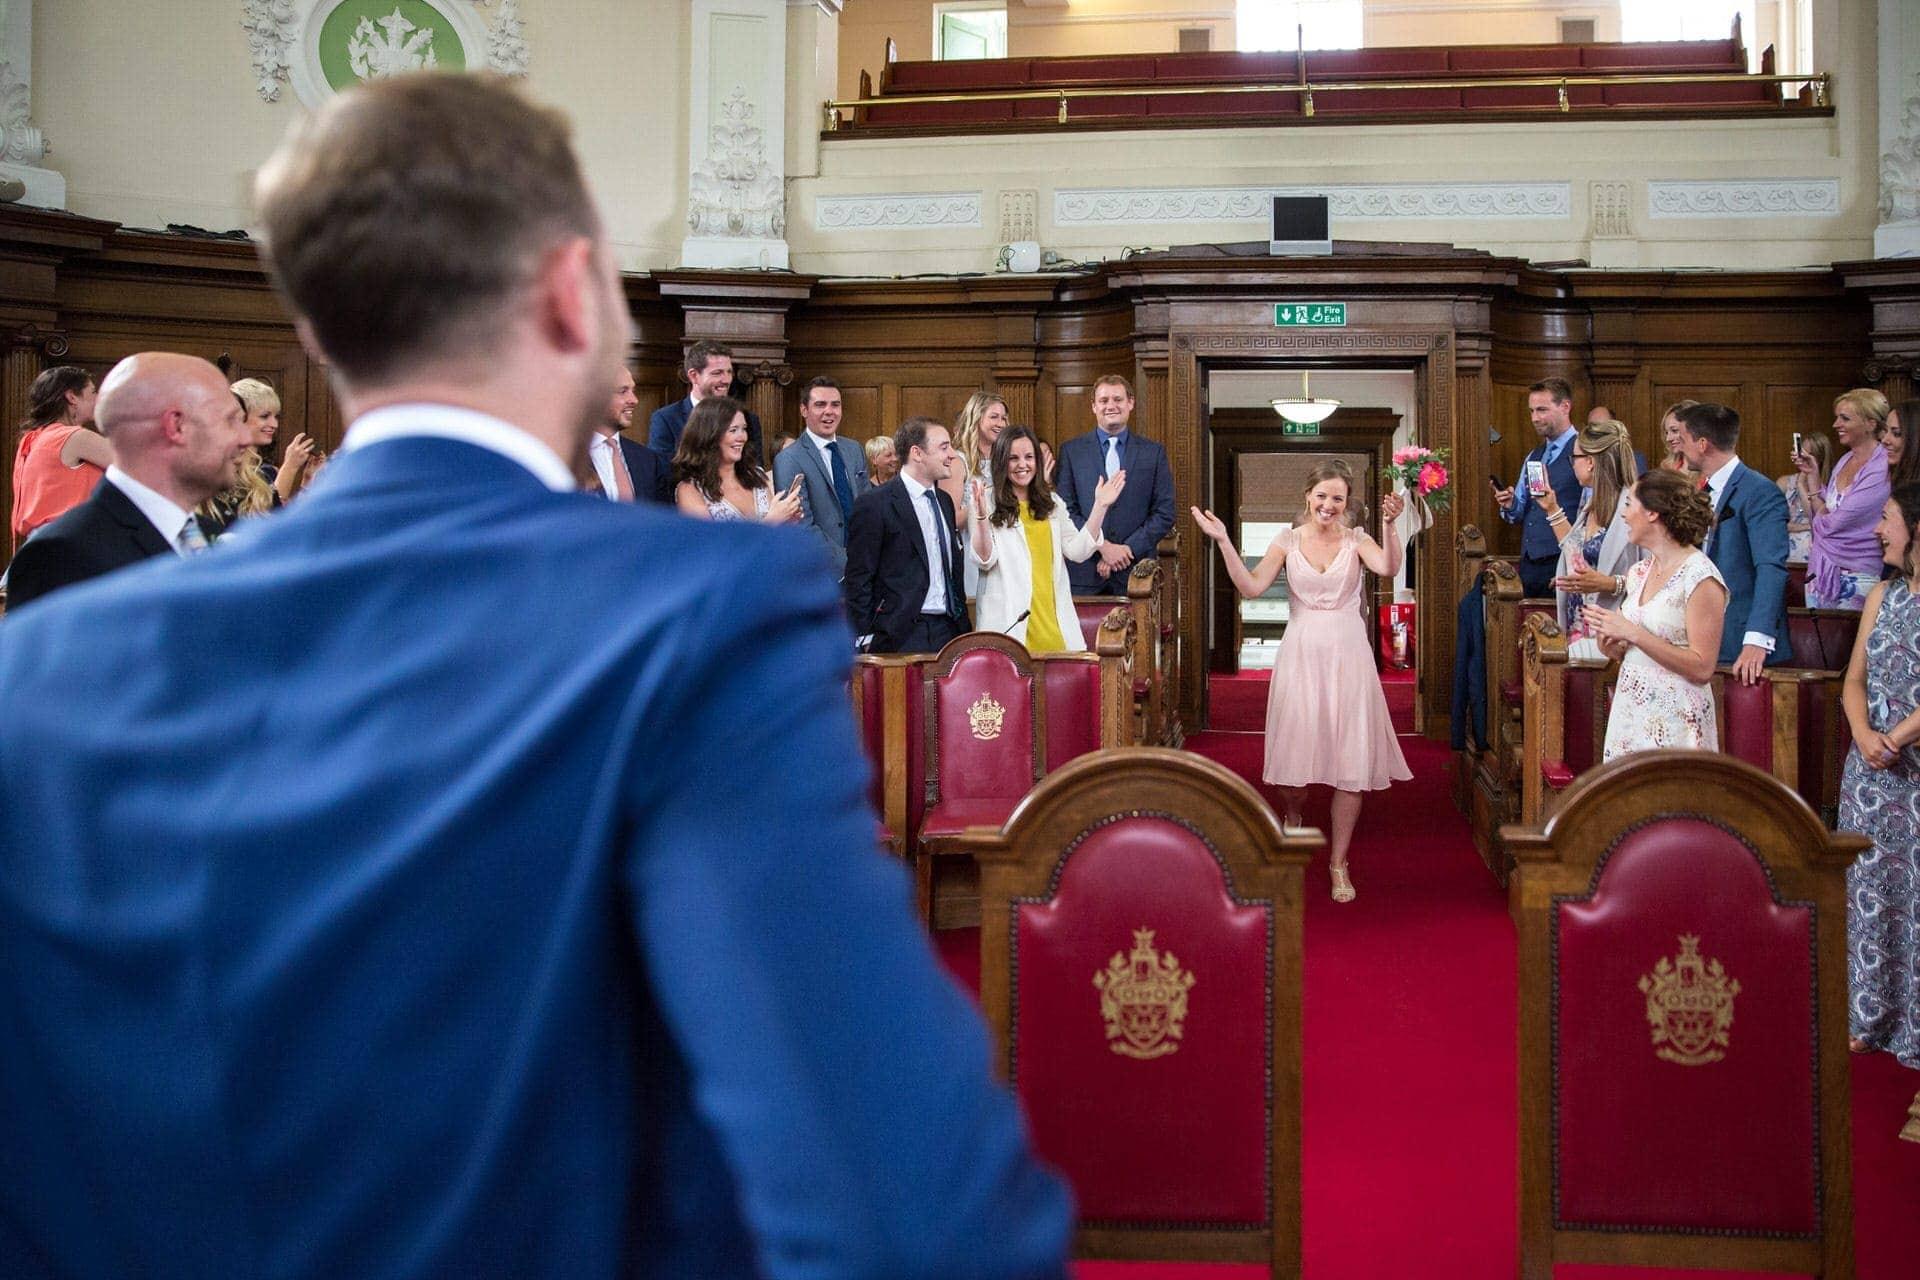 dancing bridesmaids entrance wedding